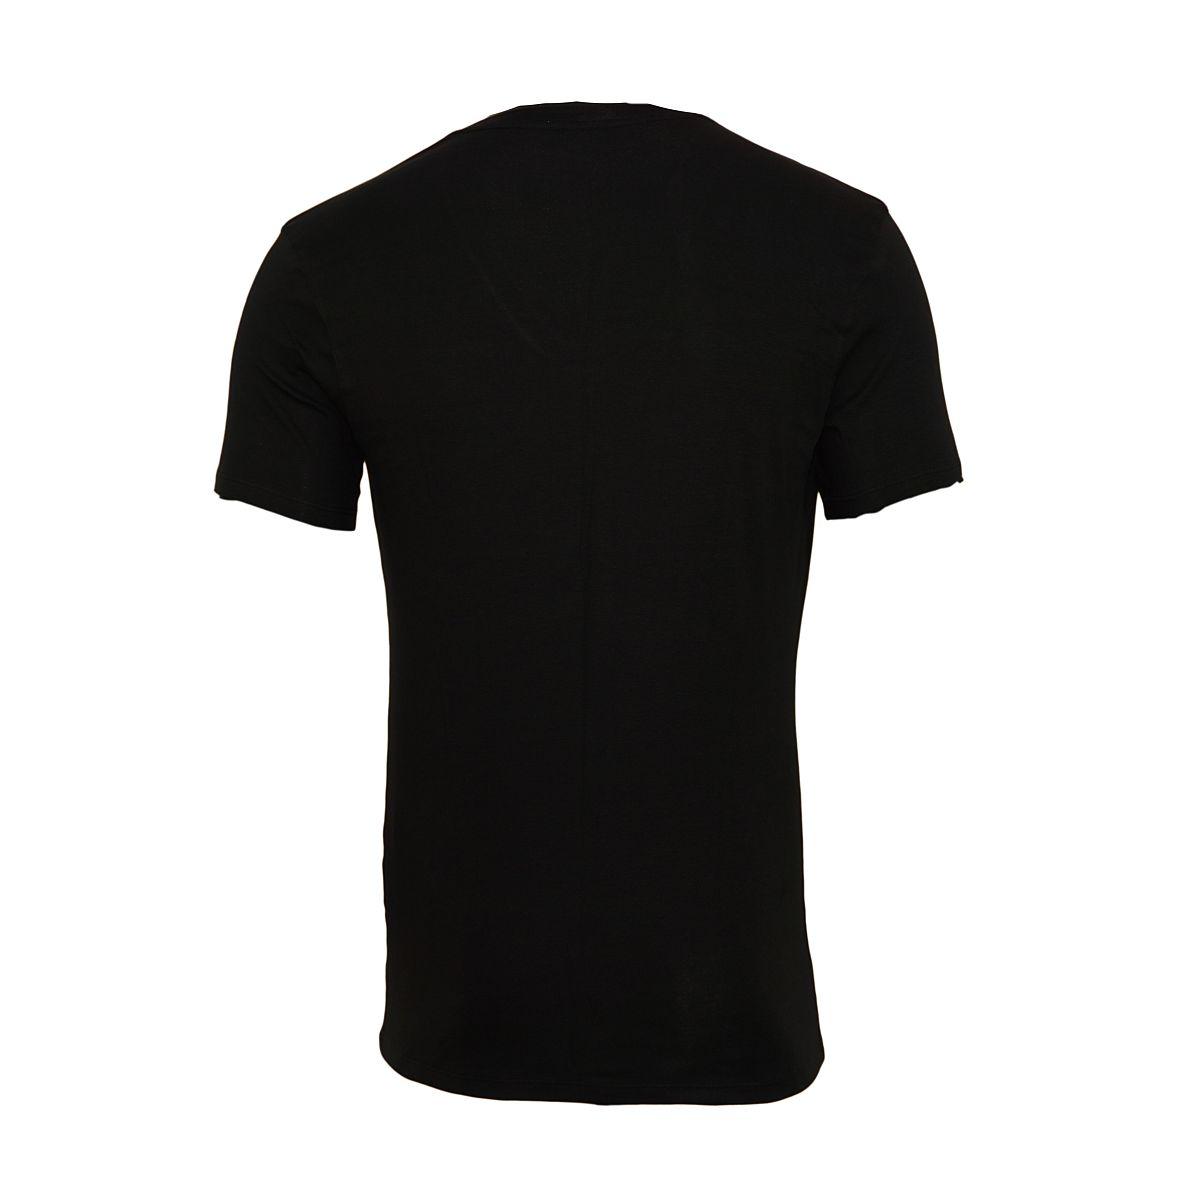 Calvin Klein T-Shirt Tee-Shirts CK16 U8322A Rundhals schwarz